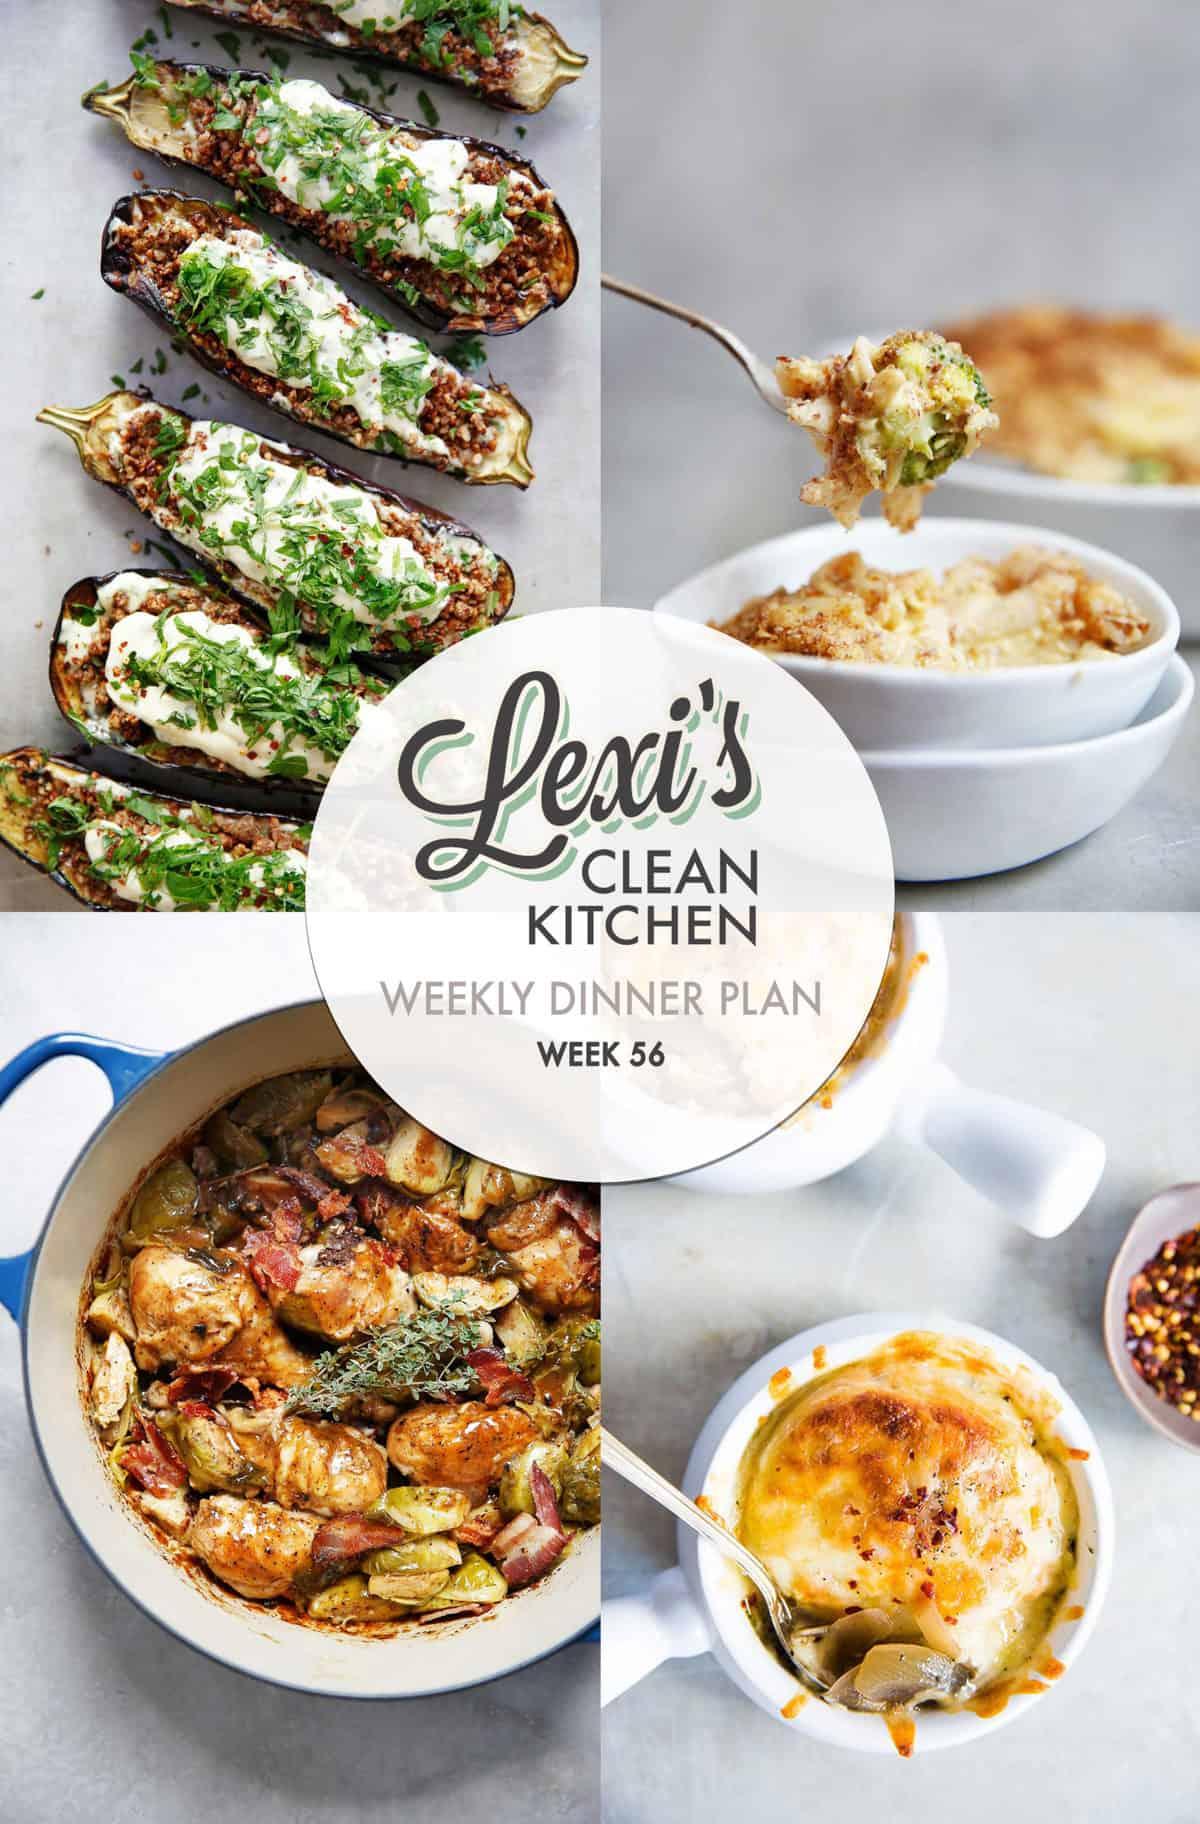 Lexi's Weekly Dinner Plan Week 56